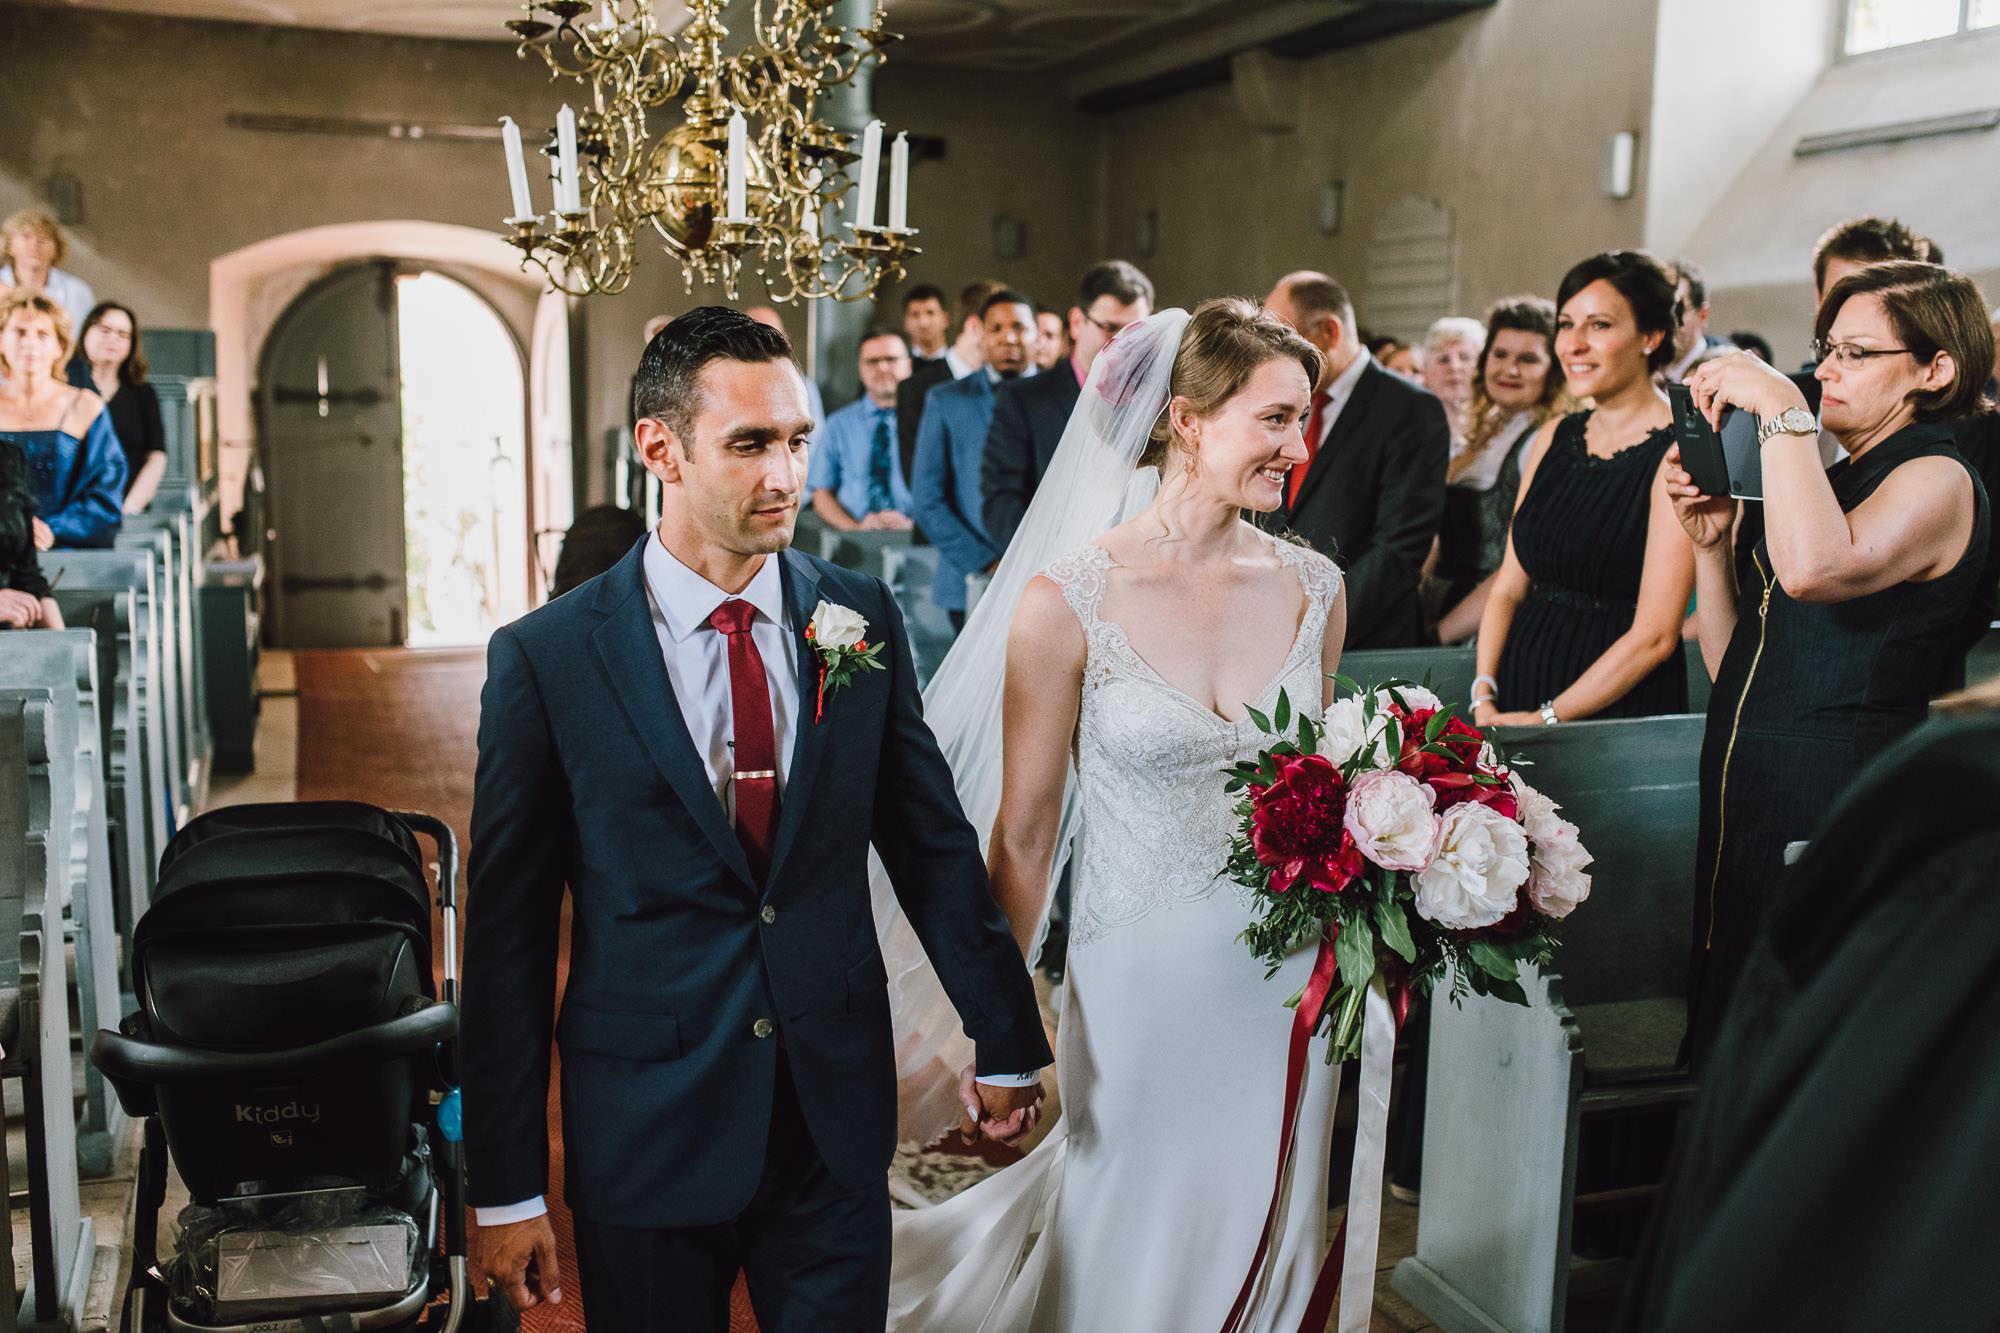 rustic-elegant-wedding-schloss-hochzeit-eyrichshof-franken-bamberg-050